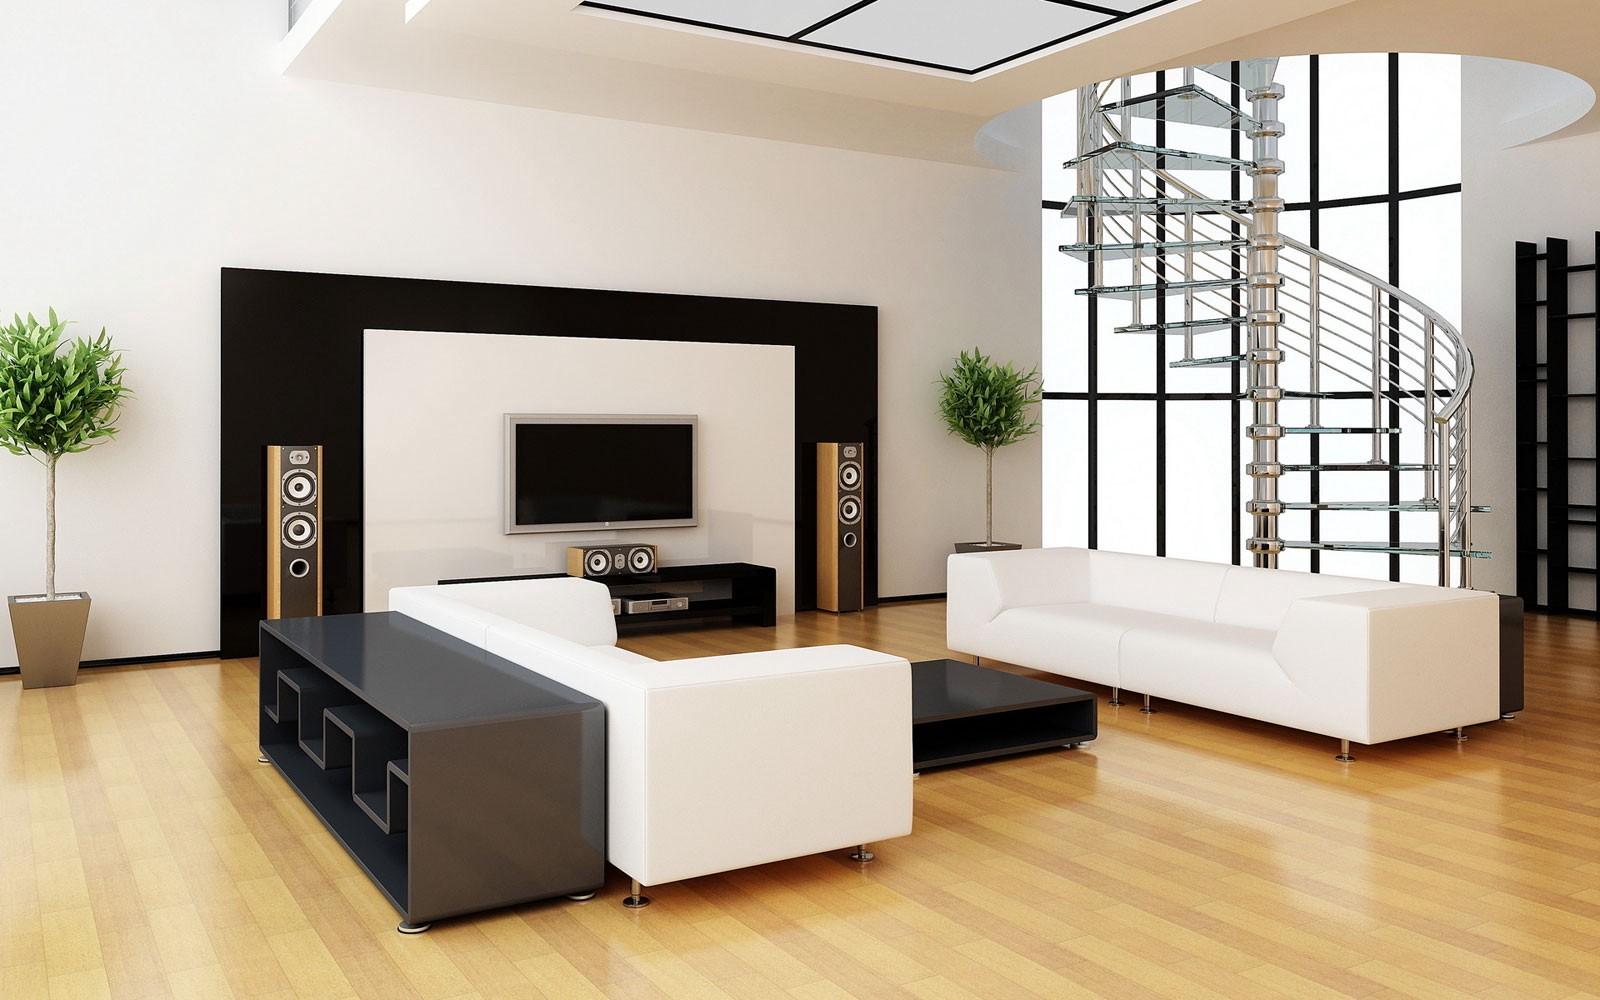 Decorative Luminate Jamak digunakan pada Lantai